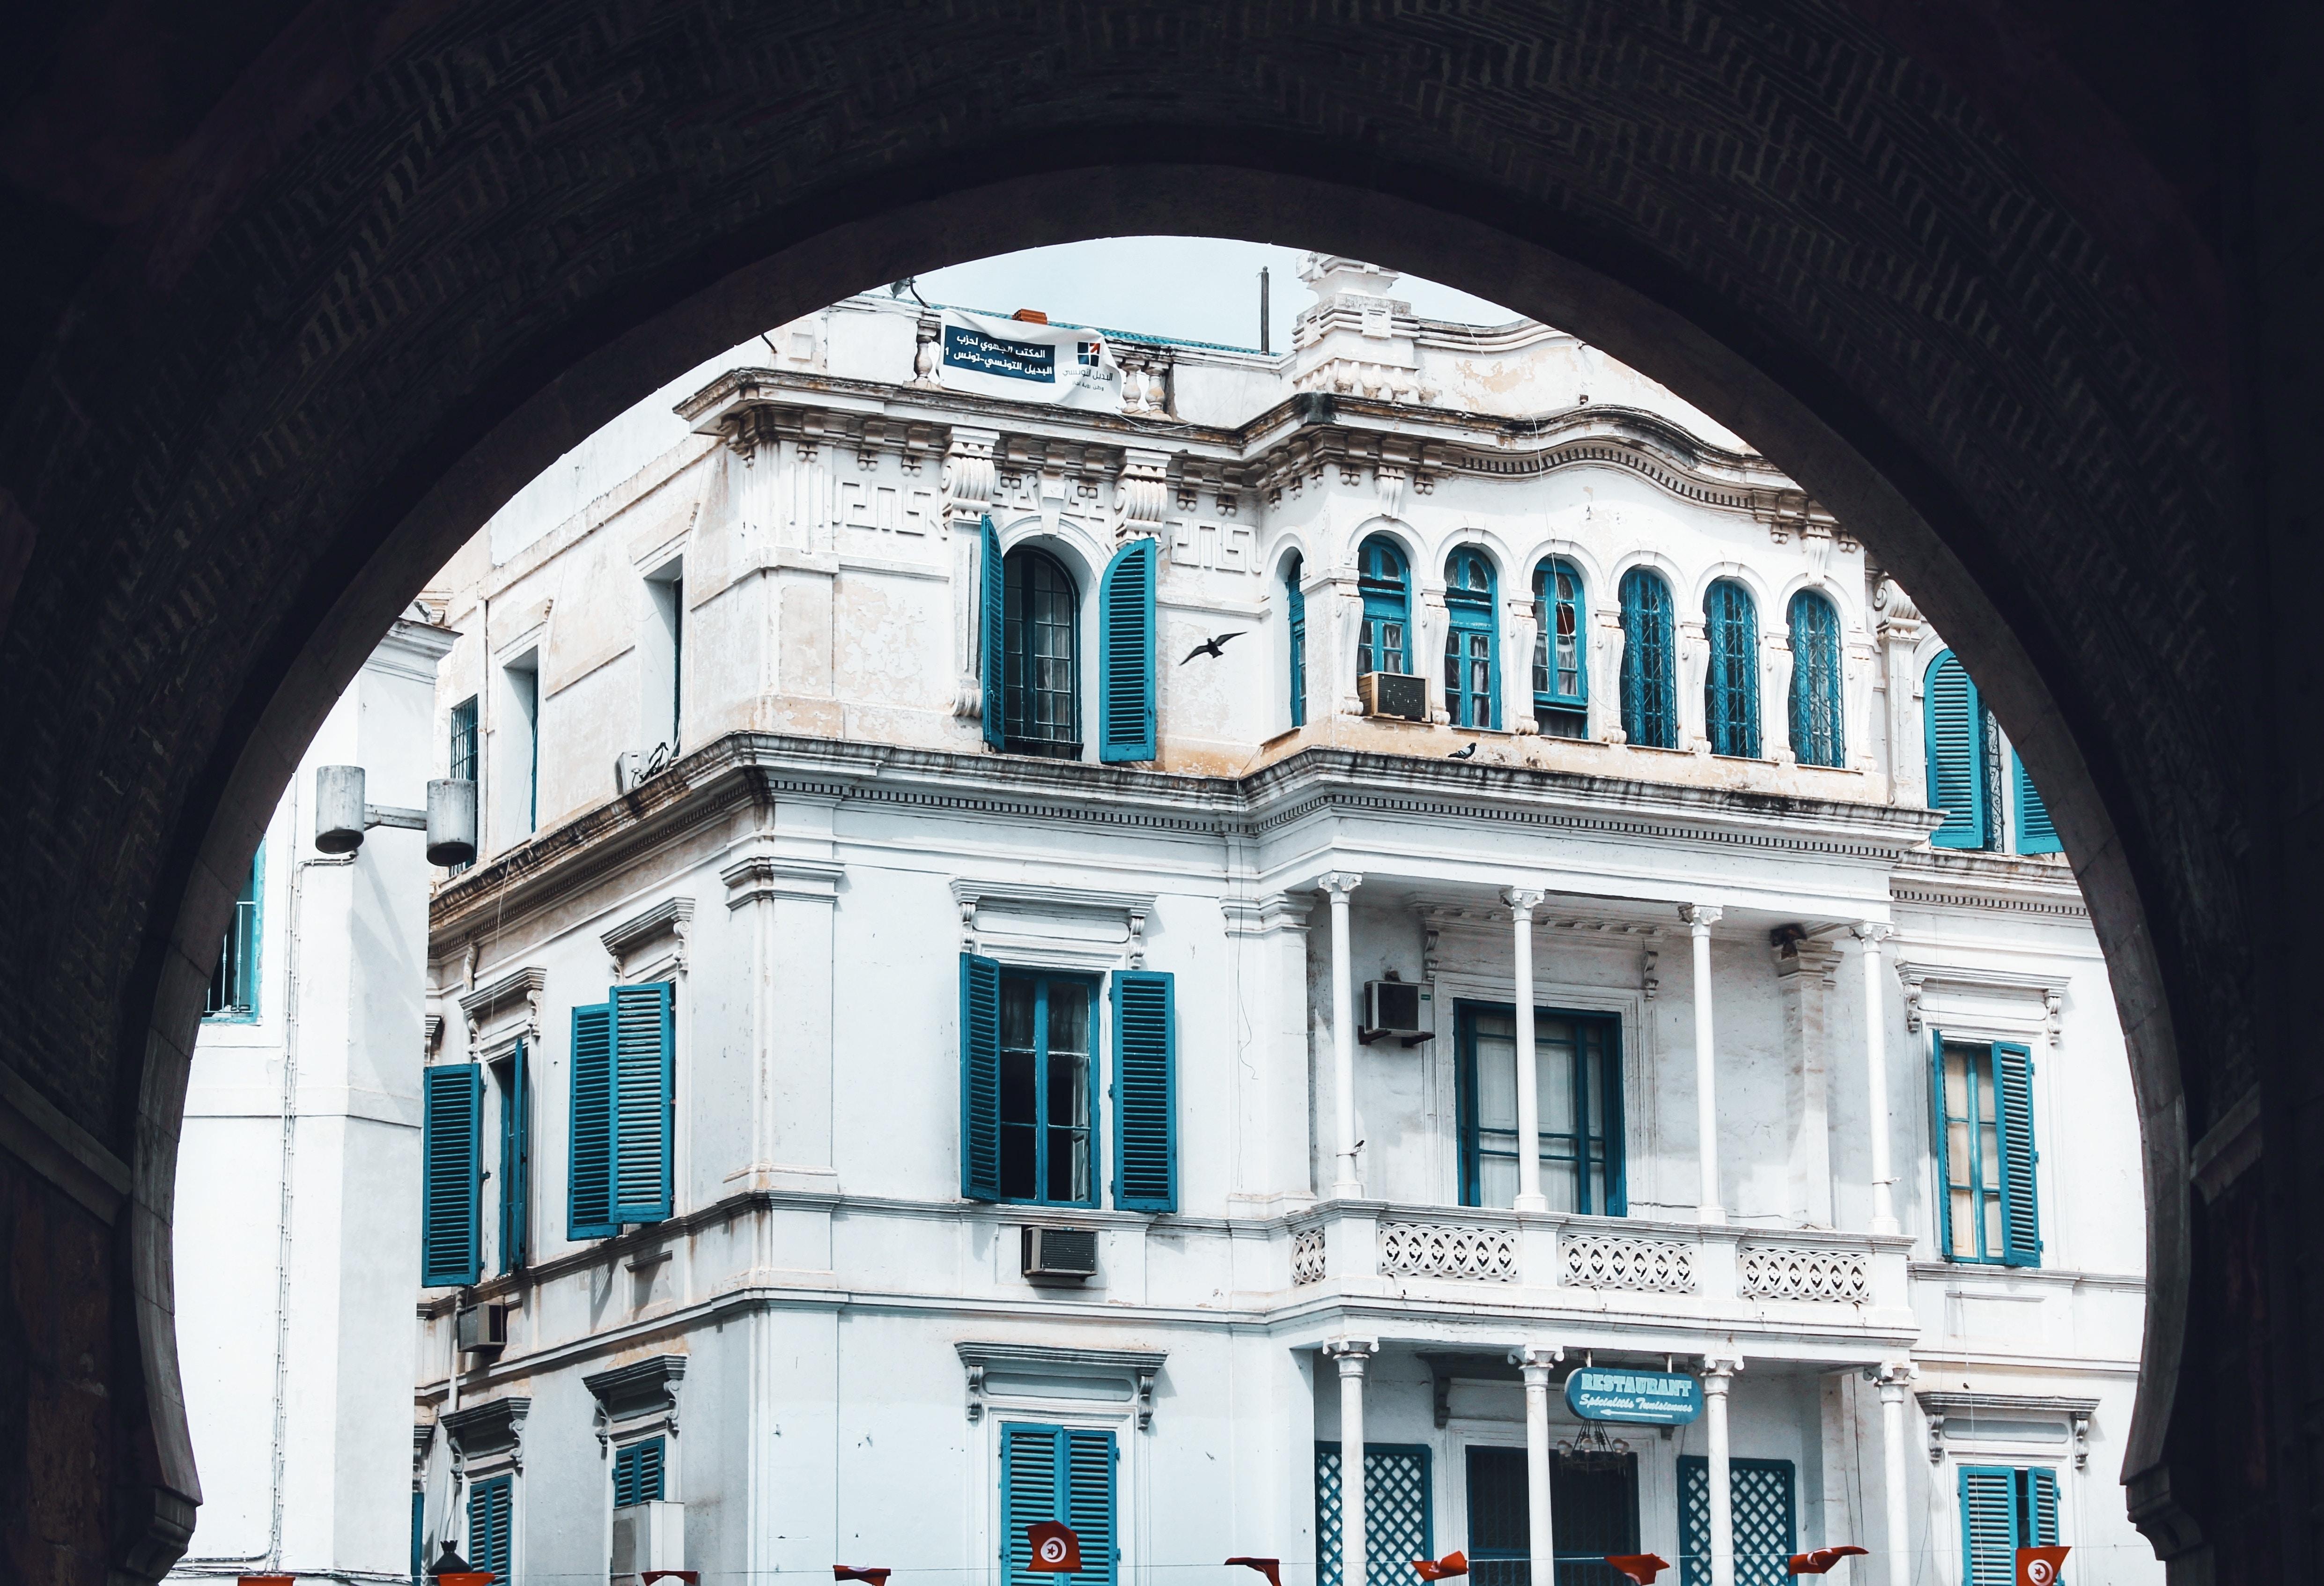 Imagen de la noticia Hacia una mejor difusión de los derechos humanos para las poblaciones de Cité Hlel, gobernorado de Túnez, y de Sers, gobernorado de El Kef, Túnez